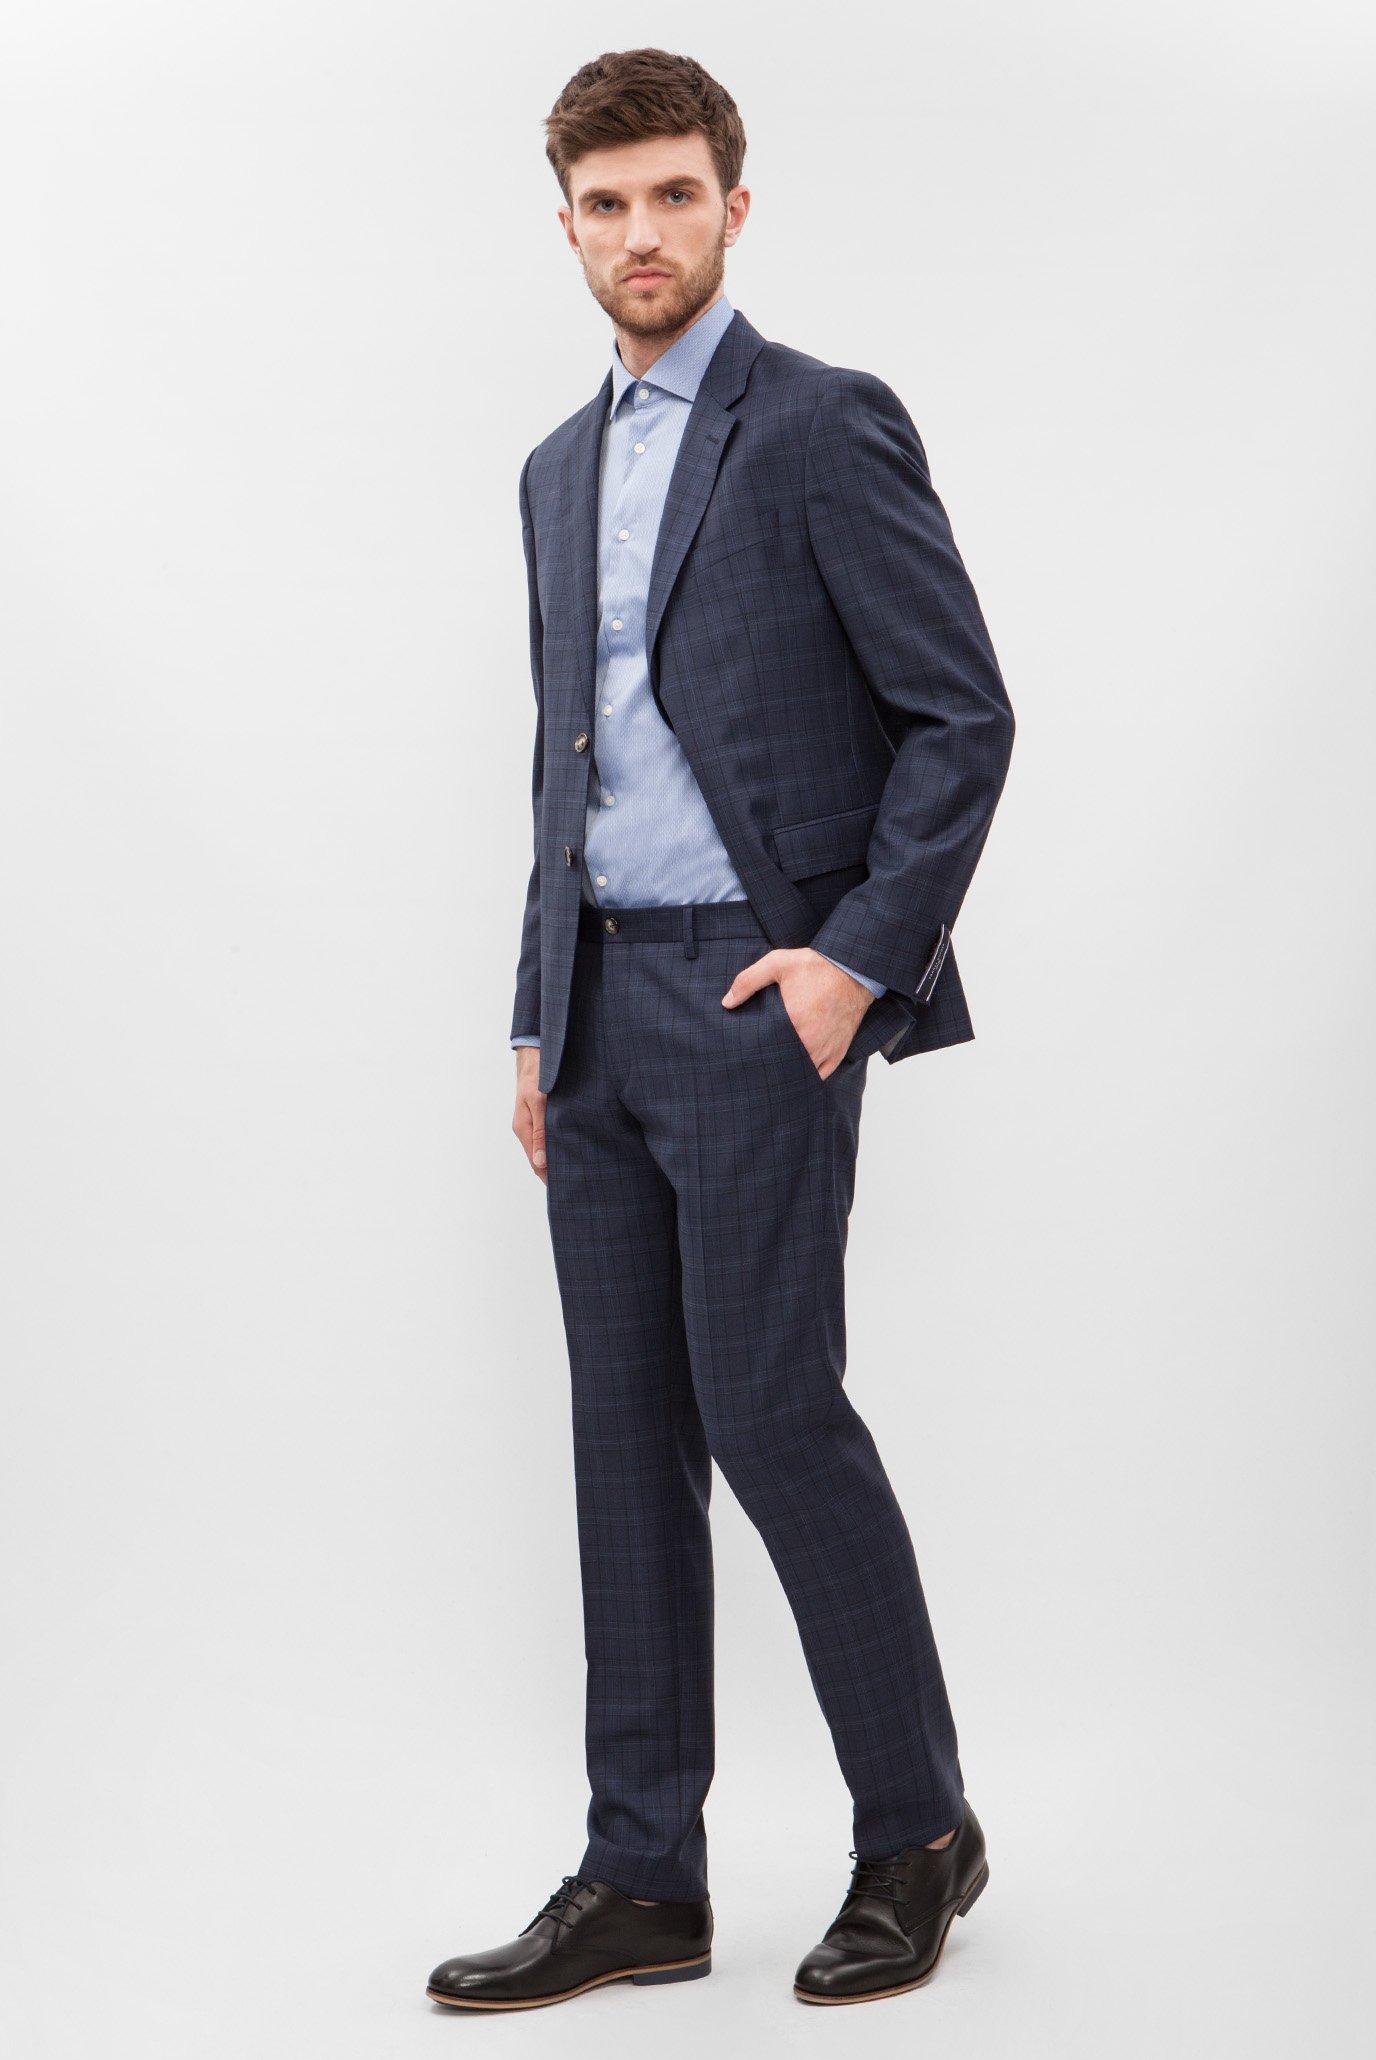 Купить Мужской темно-синий костюм в клетку Tommy Hilfiger Tommy Hilfiger TT0TT01810 – Киев, Украина. Цены в интернет магазине MD Fashion